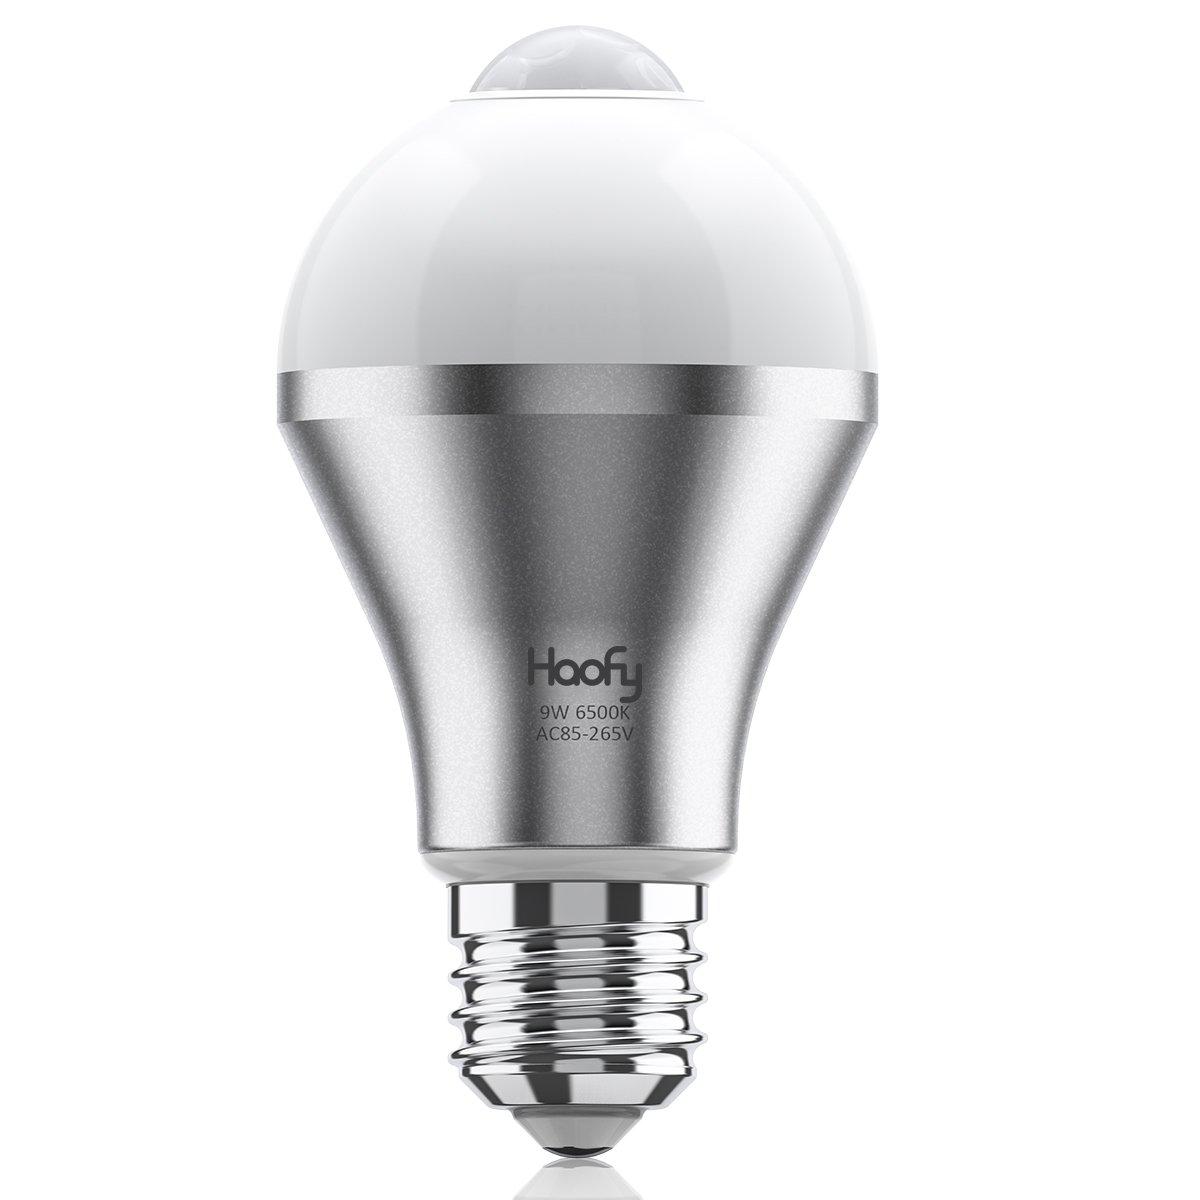 人感センサー電球,Haofy LED電球 9W E26/27人感センサーライト明暗センサー付き 赤外線センサーライト 自動点灯/消灯 省エネ 長寿命 防犯 (昼白色)